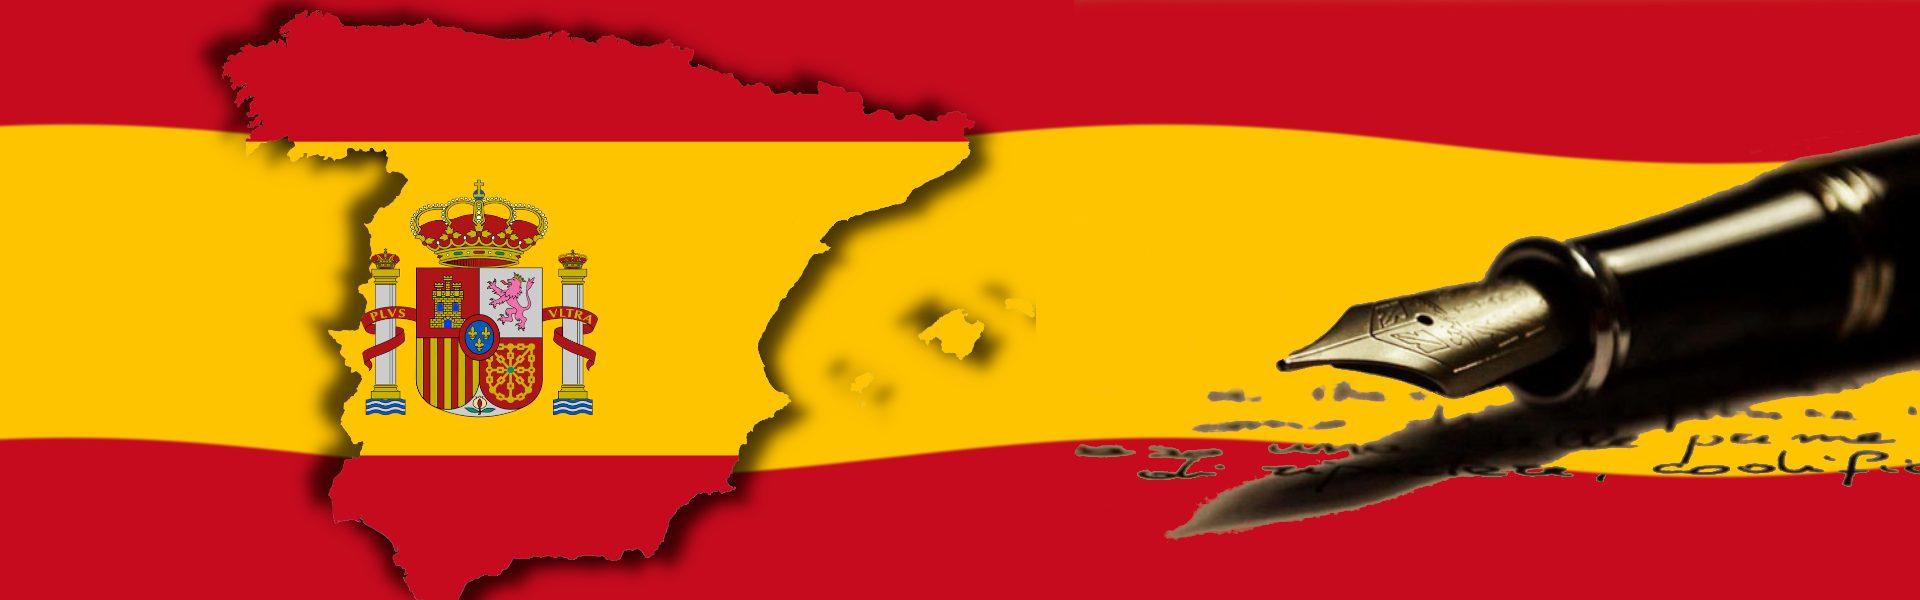 Audiolibri di autori spagnoli